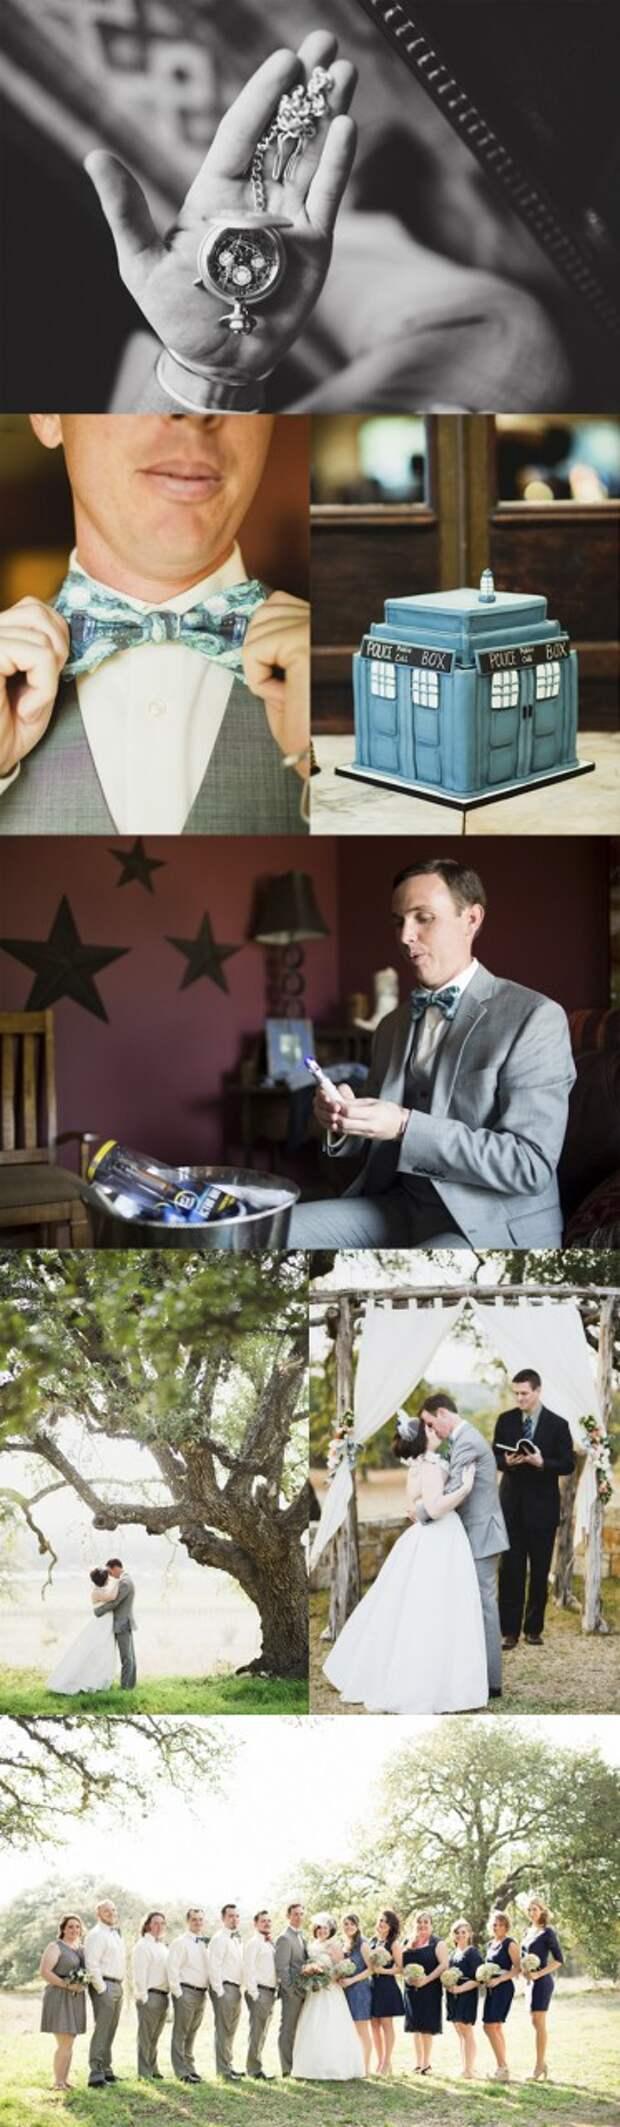 Необычные тематические свадьбы, устроенные фанатами кино